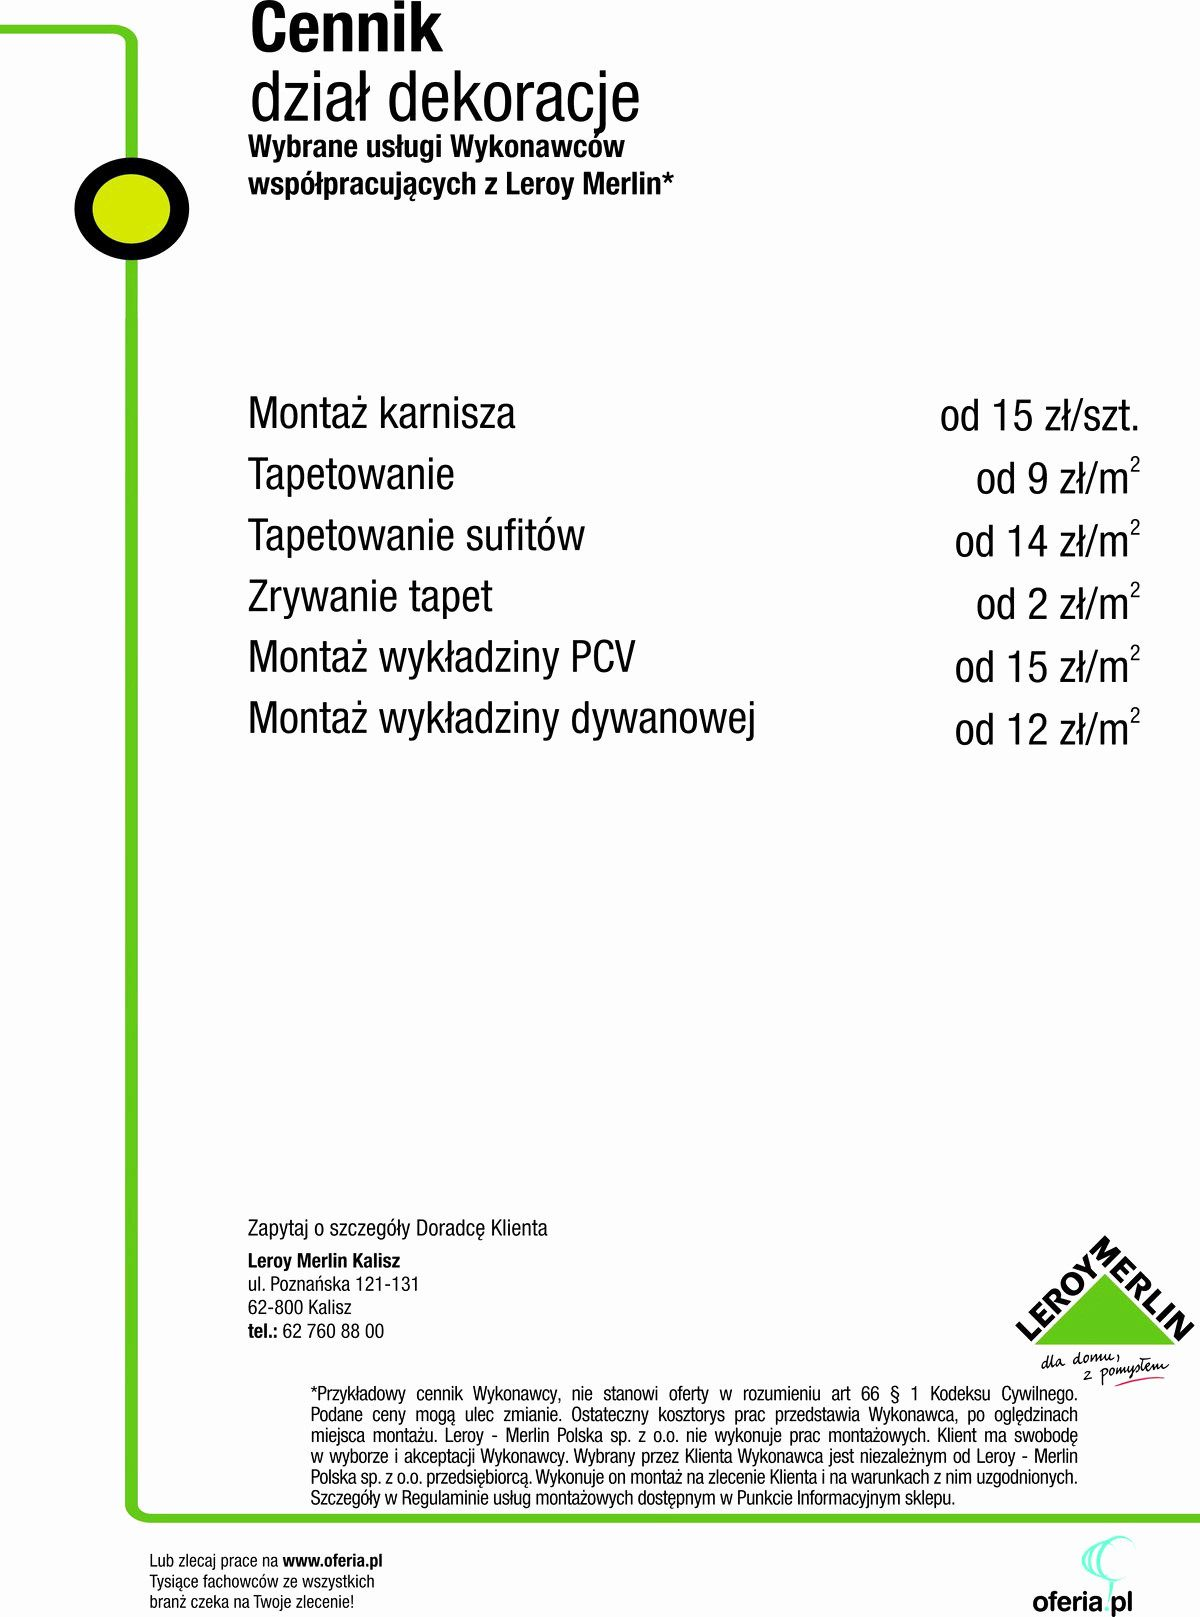 Symptome Punaise De Lit Frais Punaise De Lit Traitement Peau Vieux 50 Réalisations De Tique De Lit